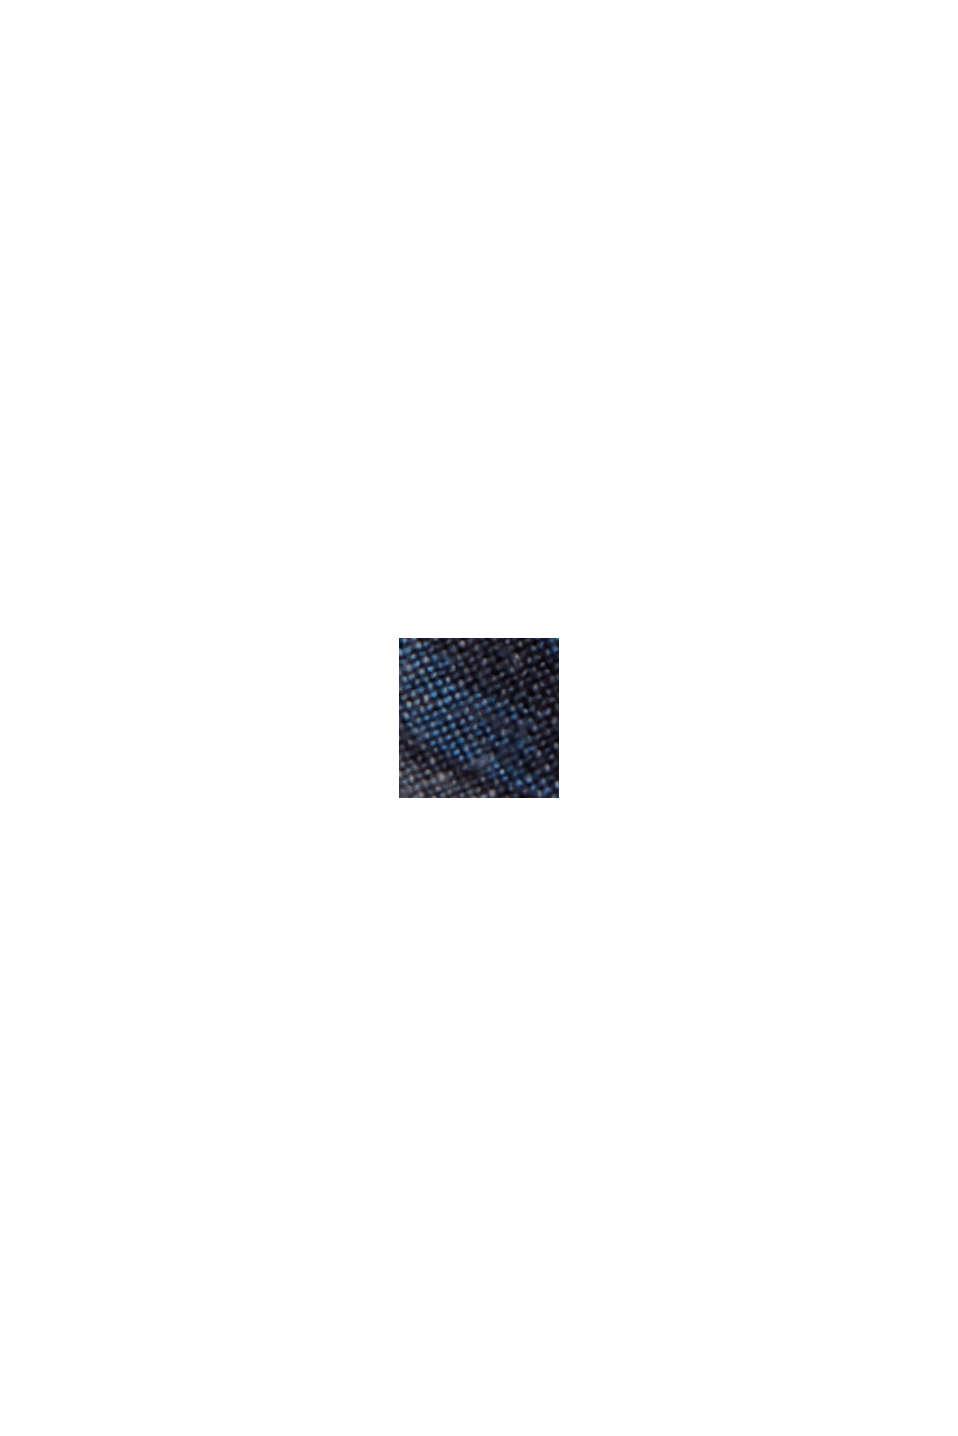 Linnenmix: overhemd met korte mouwen en print, NAVY, swatch